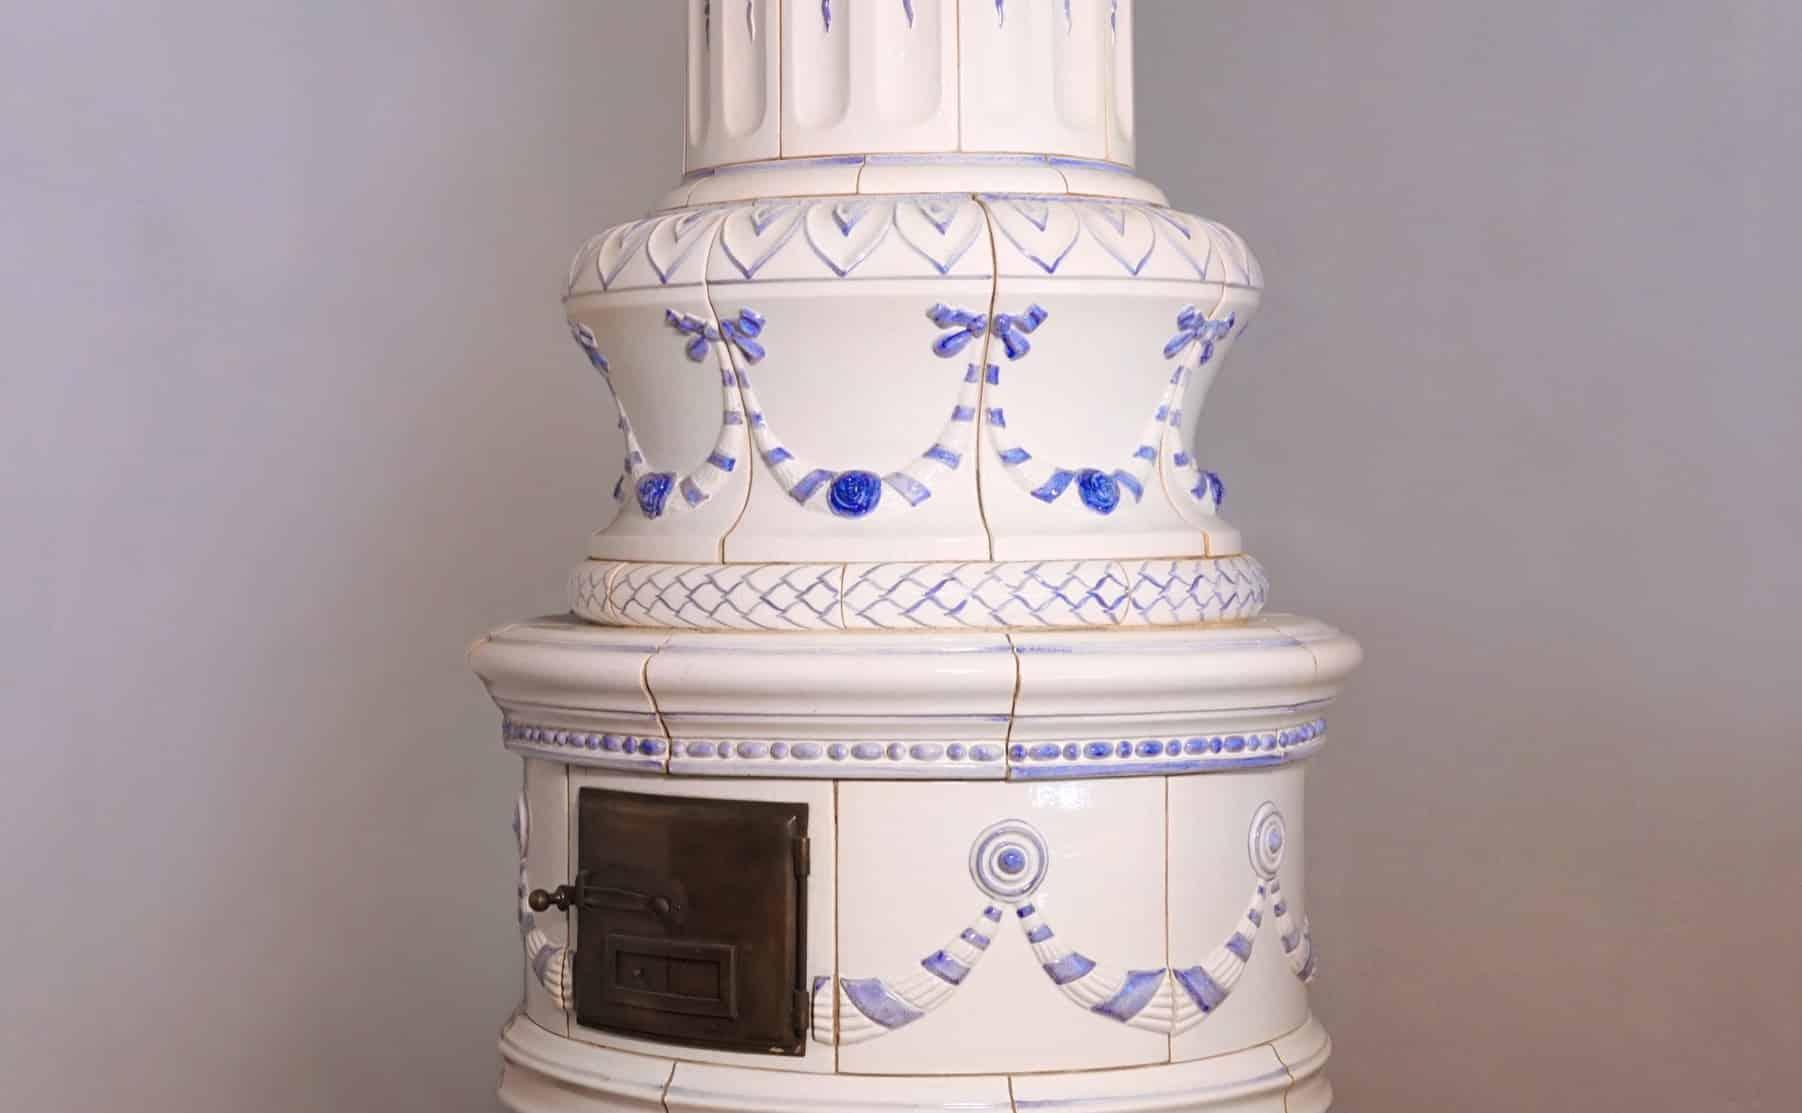 stufa tradizionale in maiolica decorata